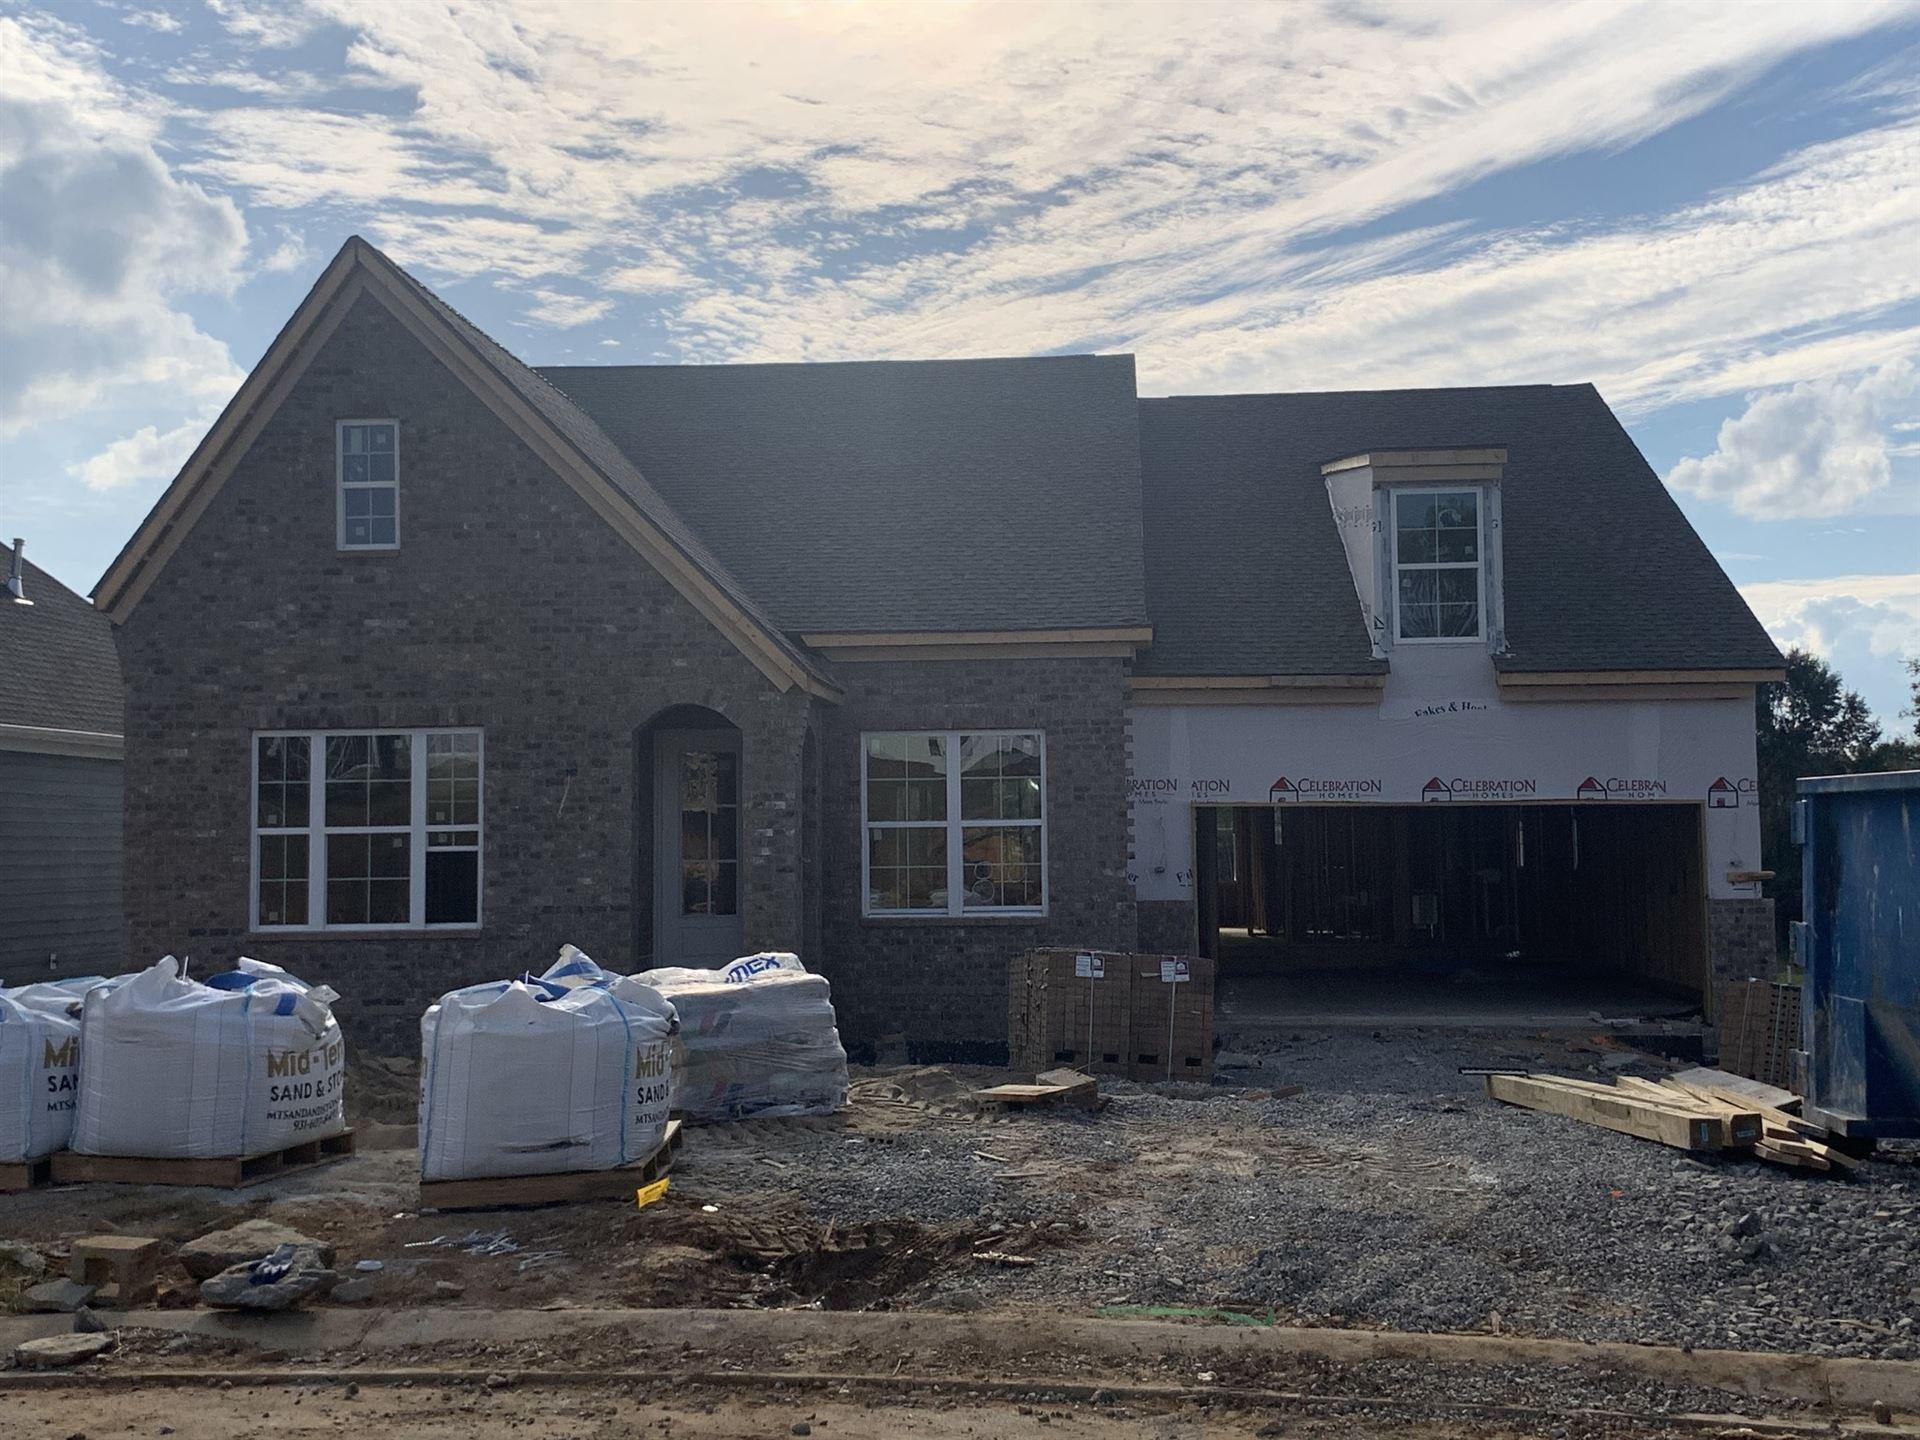 1438 Proprietors Pl Lot 89, Murfreesboro, TN 37128 - MLS#: 2297472